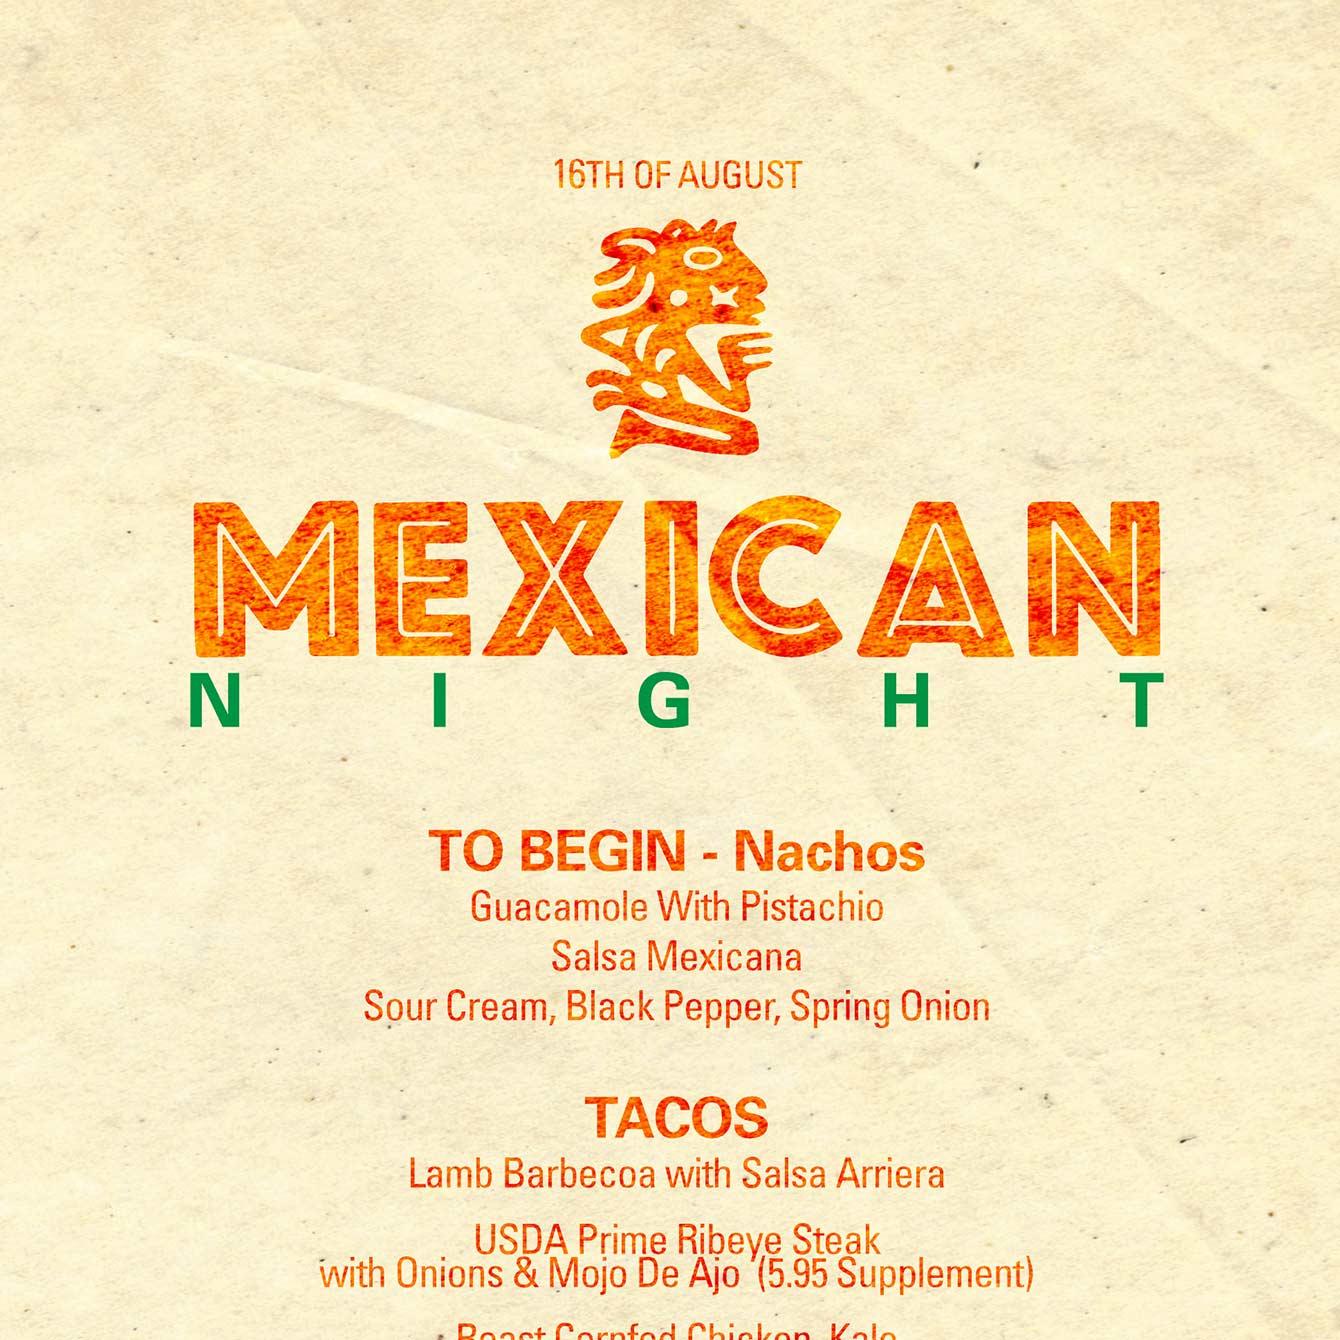 Cona Restaurant Mexican Menu - closeup